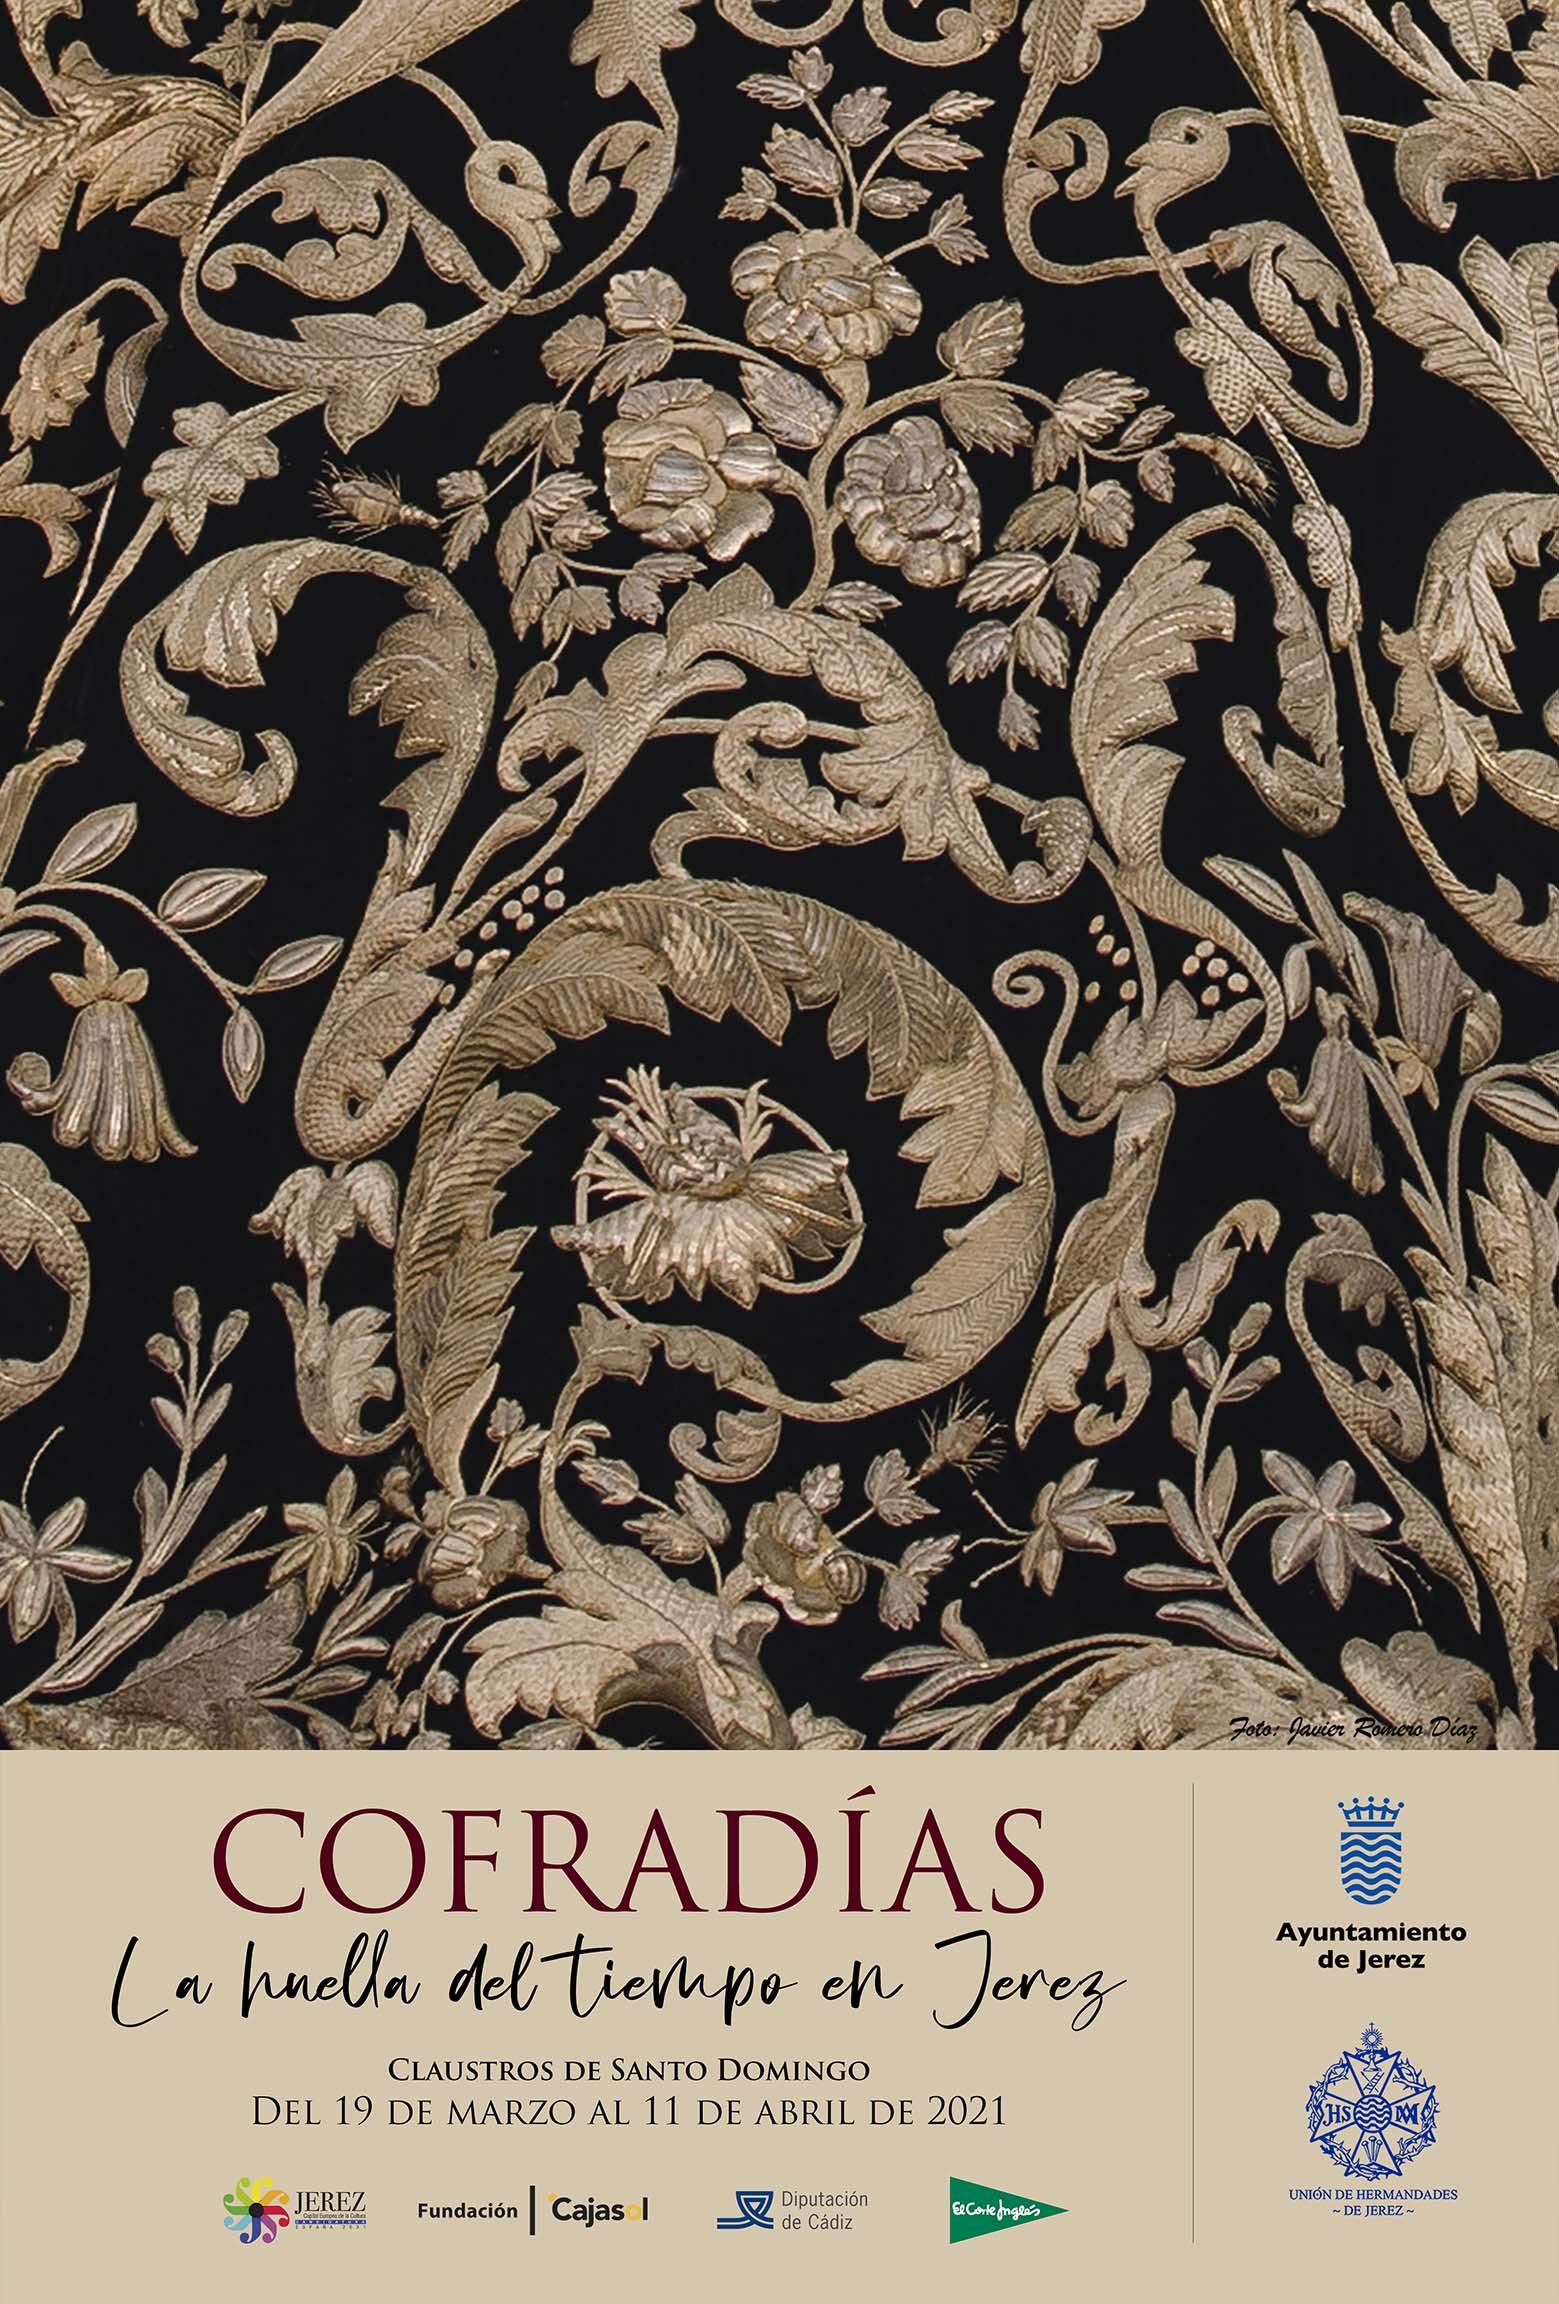 'Cofradías'